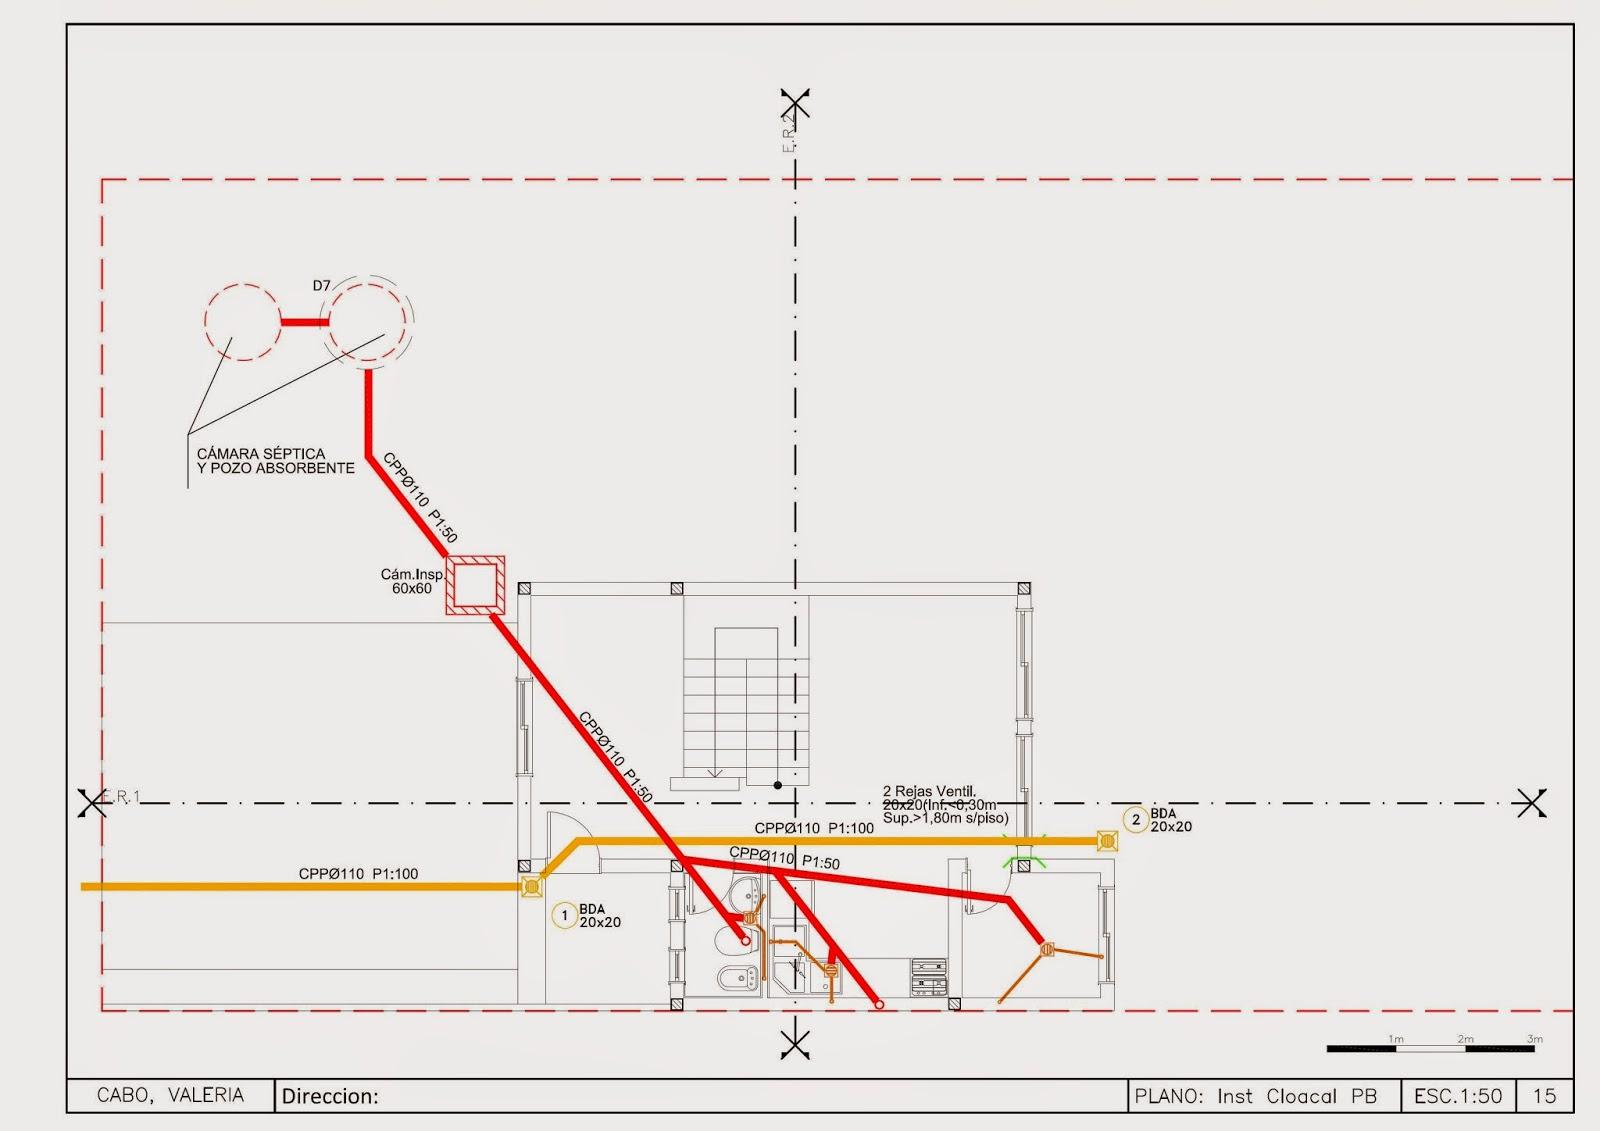 Detalles Constructivos Cad Plano Replanteo Instalaciones